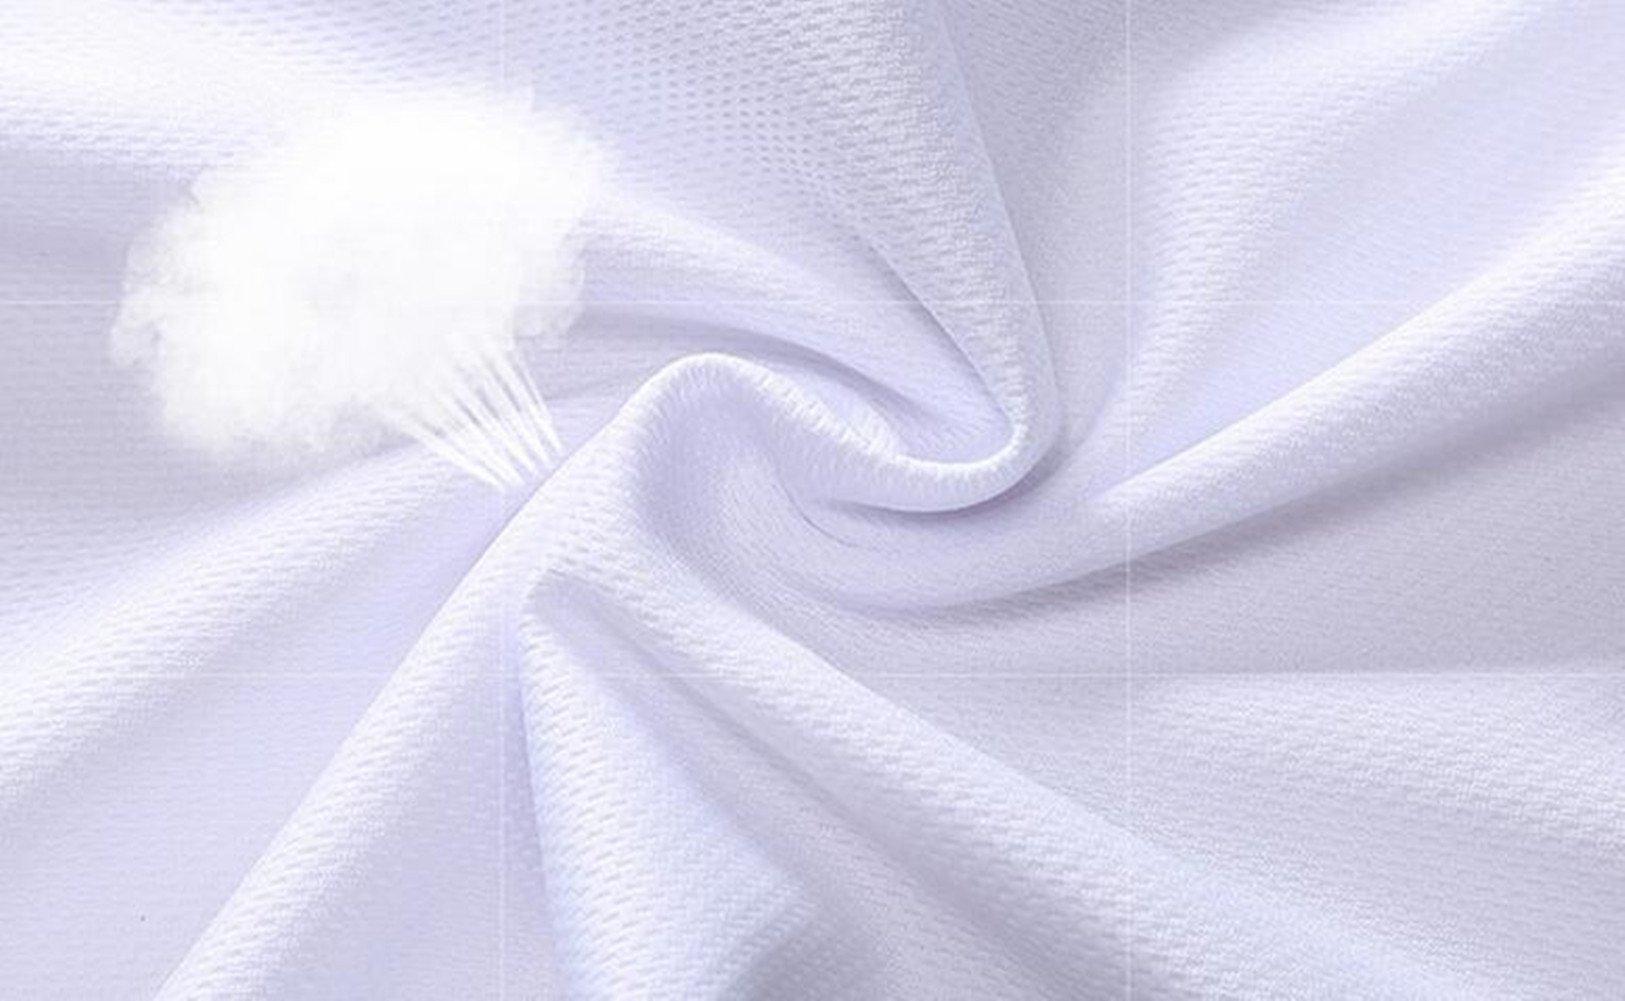 Qi Mai Men Outdoor Sunscreen Fishing Coats Quick Drying Rash Guards 1197 (L, White) by Qi Mai (Image #5)